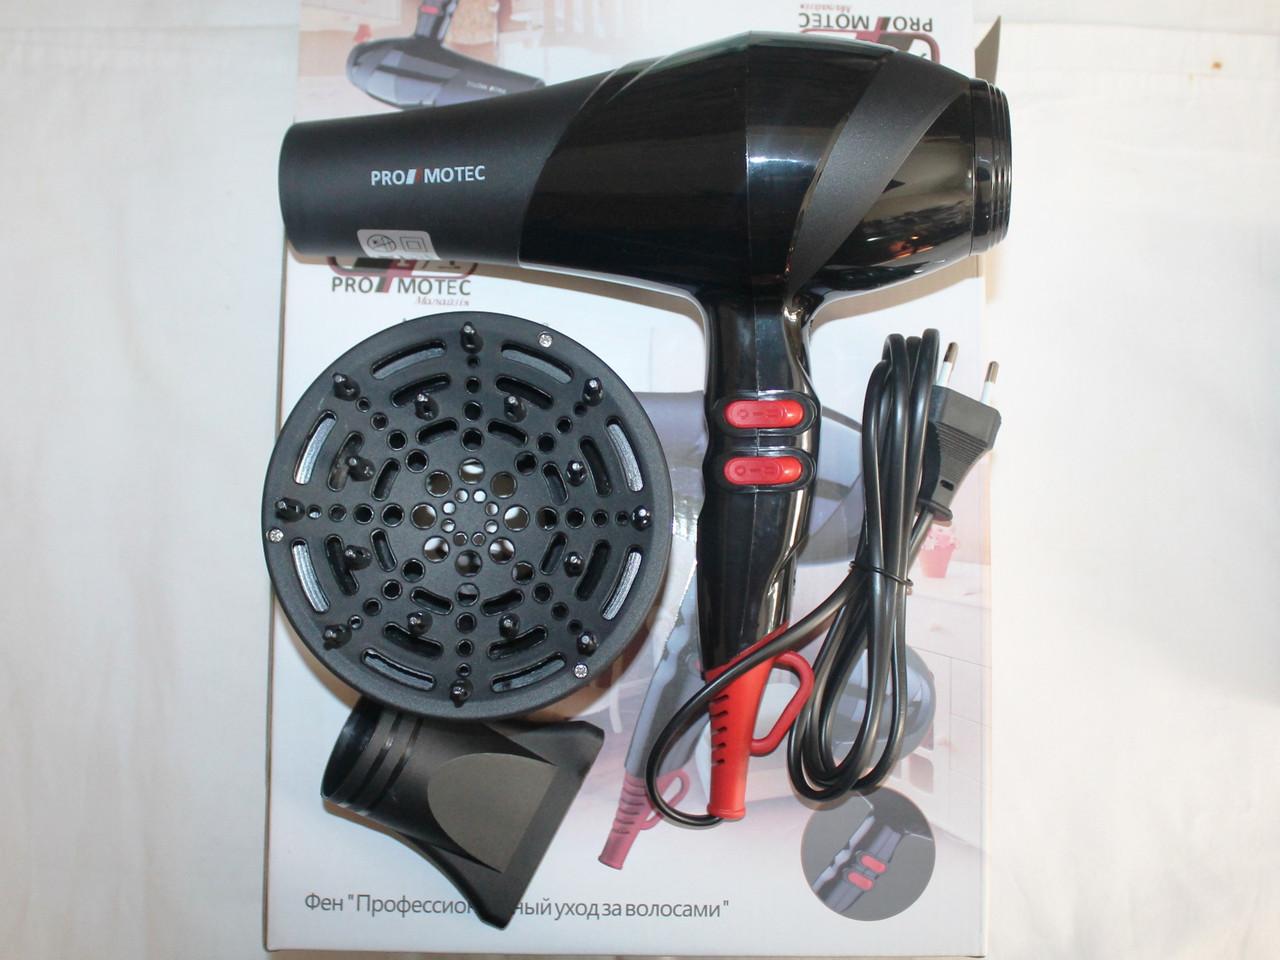 Фен для волос ProMotec 2301 профессиональный 3000 W